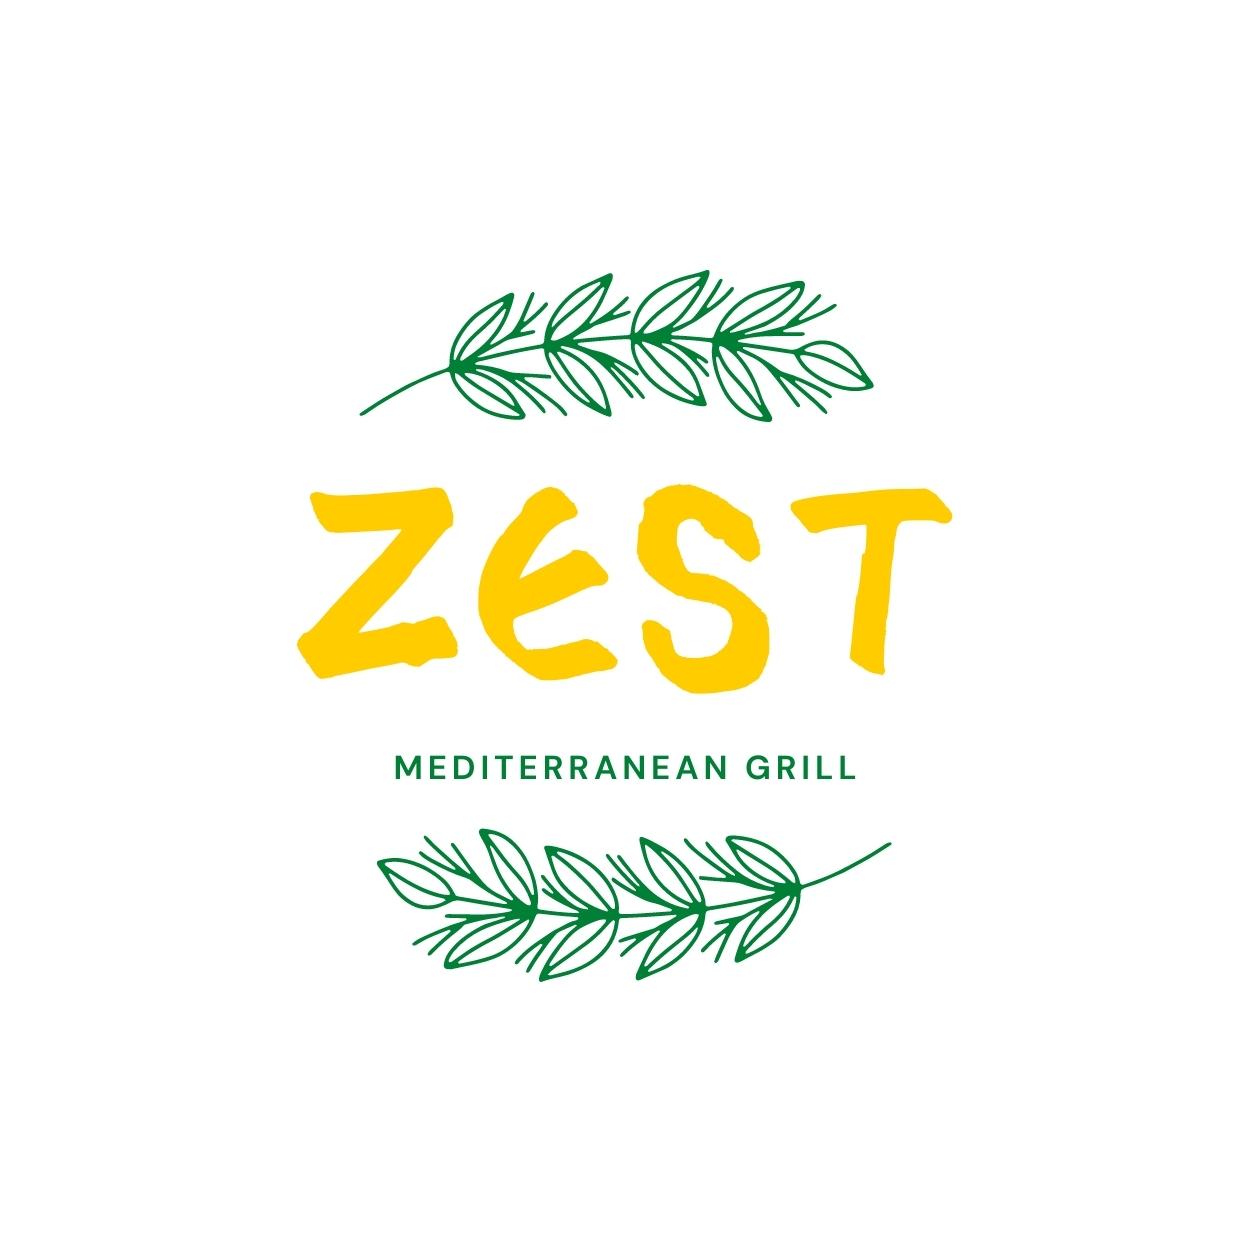 Zest Mediterranean Grill Home